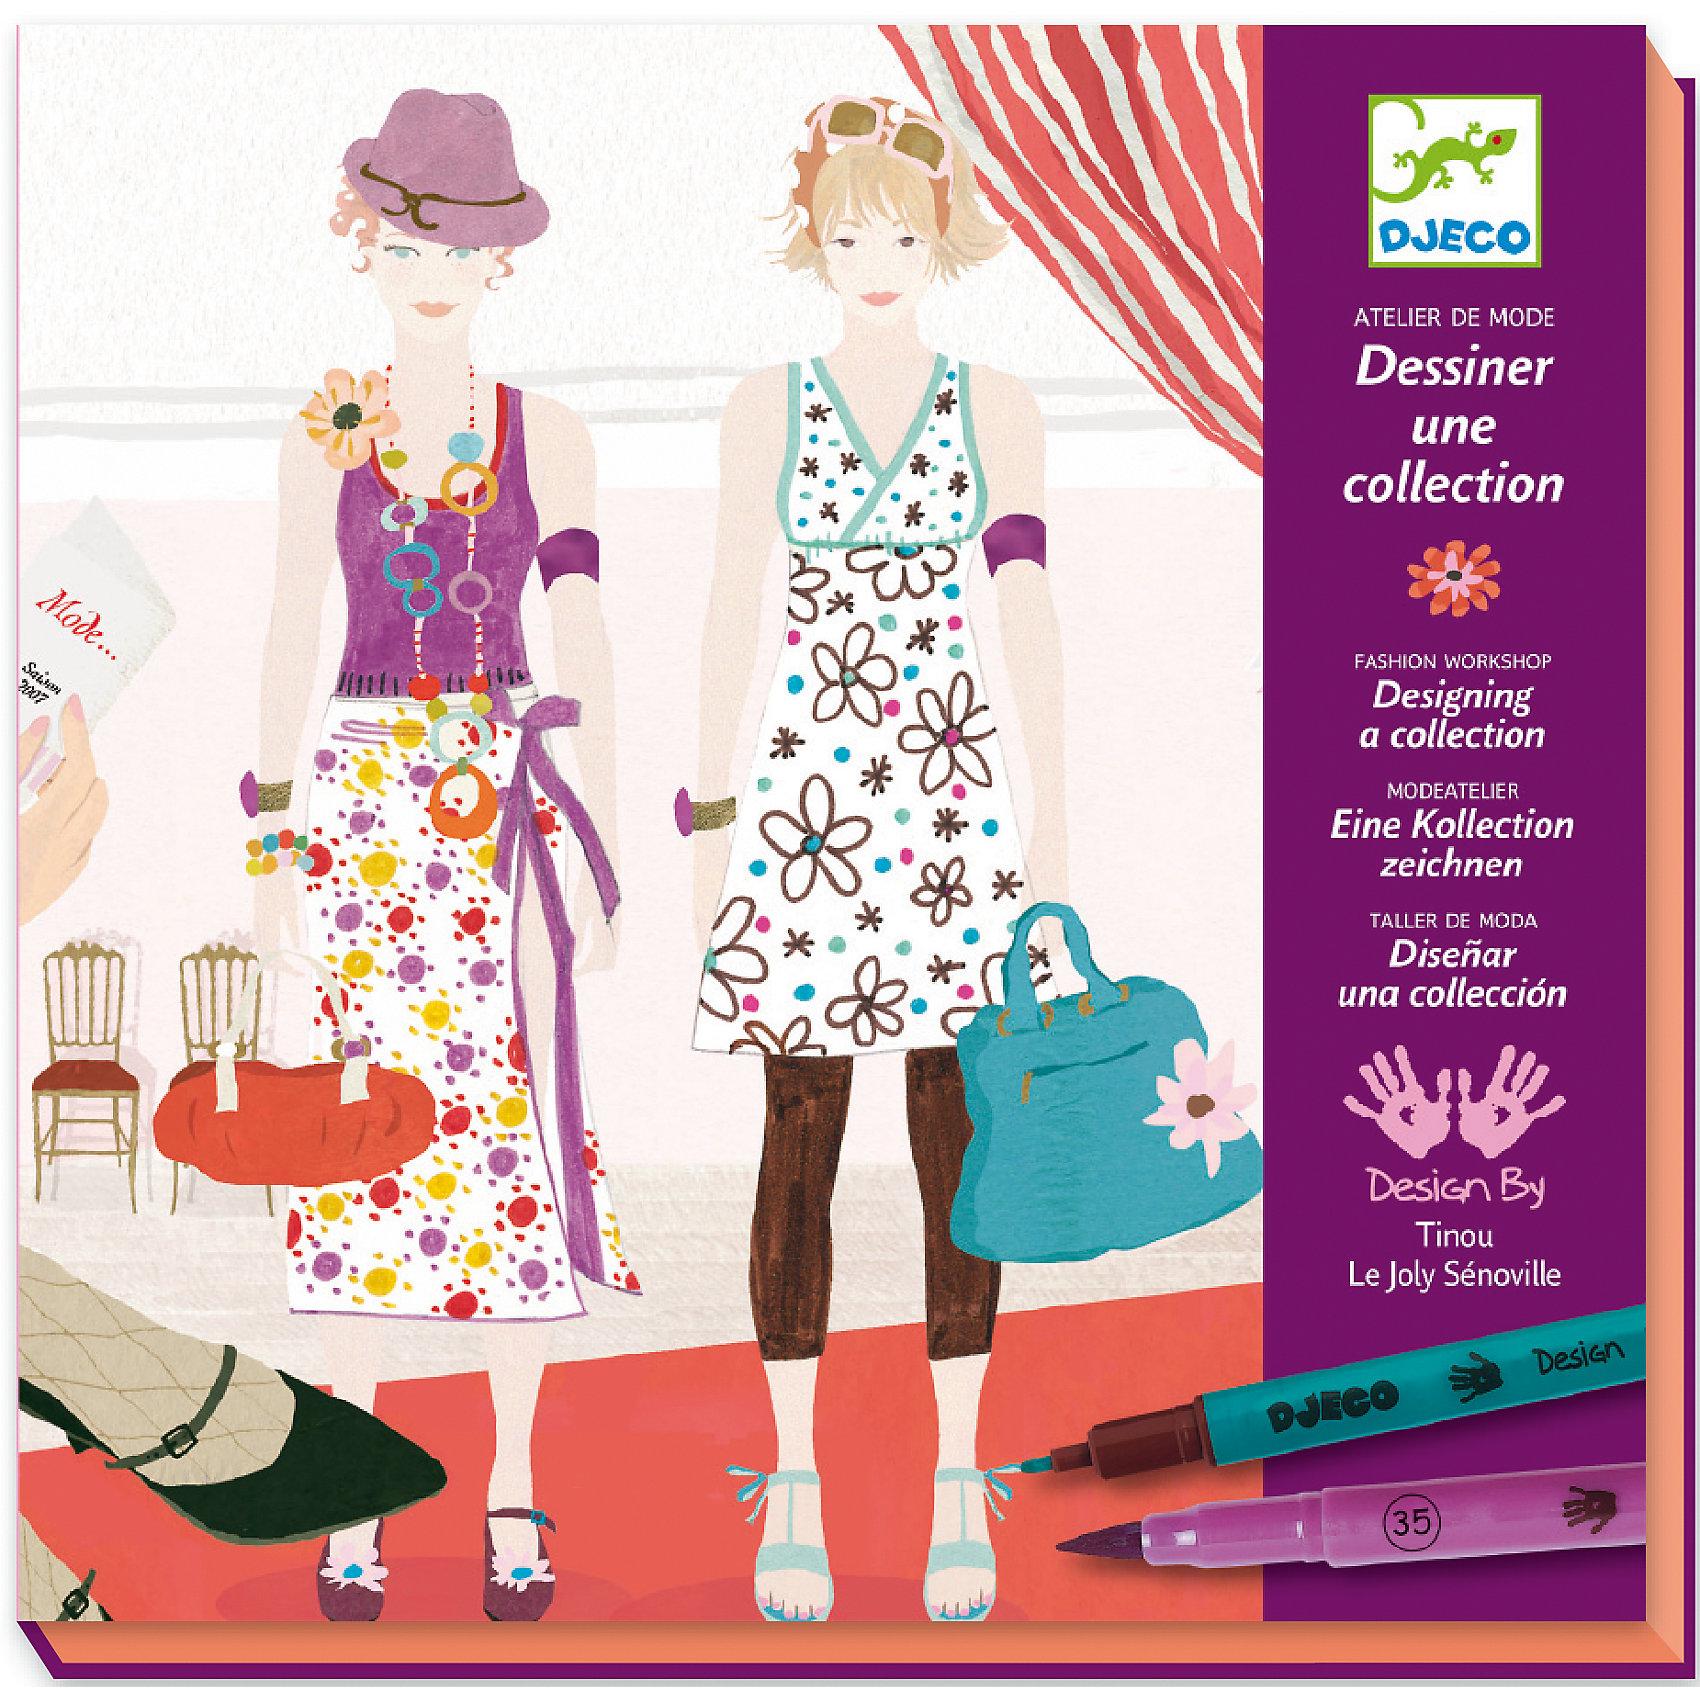 Большой набор-раскраска Дизайнер одеждыРаскраска Дизайнер одежды DJECO (Джеко) предоставляет широкое поле для творческой фантазии Вашей девочки. На картинках-фонах изображены модели для одежды, которые нужно одеть. Набор позволяет создавать уникальные наряды на любой вкус, можно комбинировать различные варианты одежды и тканей и дополнять их разнообразными аксессуарами. <br><br>Дополнительная информация:<br><br>- В комплекте: 32 листа фона, 7 листов с одеждой, 2 листа с образцами ткани, 2 - с аксессуарами и 8 двухсторонних фломастеров<br>- Материал: бумага, пластик.<br>- Размер упаковки: 4 х 23 х 23,5 см.<br>- Вес: 0,642 кг.<br><br>Раскраска Дизайнер одежды DJECO (Джеко) можно купить в нашем магазине.<br><br>Ширина мм: 230<br>Глубина мм: 40<br>Высота мм: 235<br>Вес г: 500<br>Возраст от месяцев: 108<br>Возраст до месяцев: 156<br>Пол: Женский<br>Возраст: Детский<br>SKU: 2200027